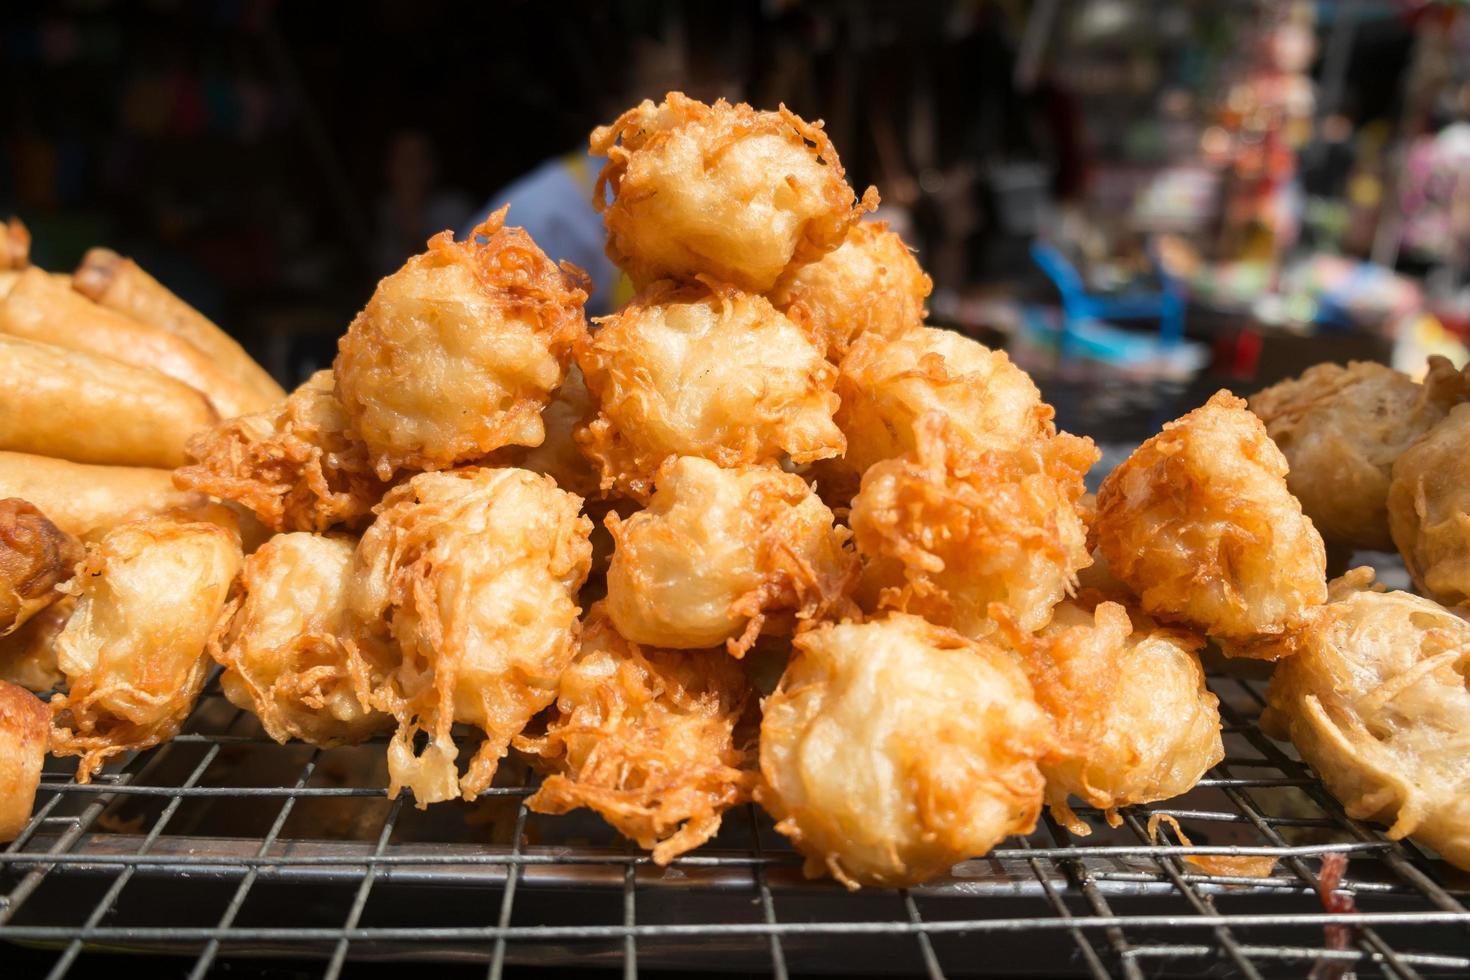 taro frit à vendre sur un marché local photo